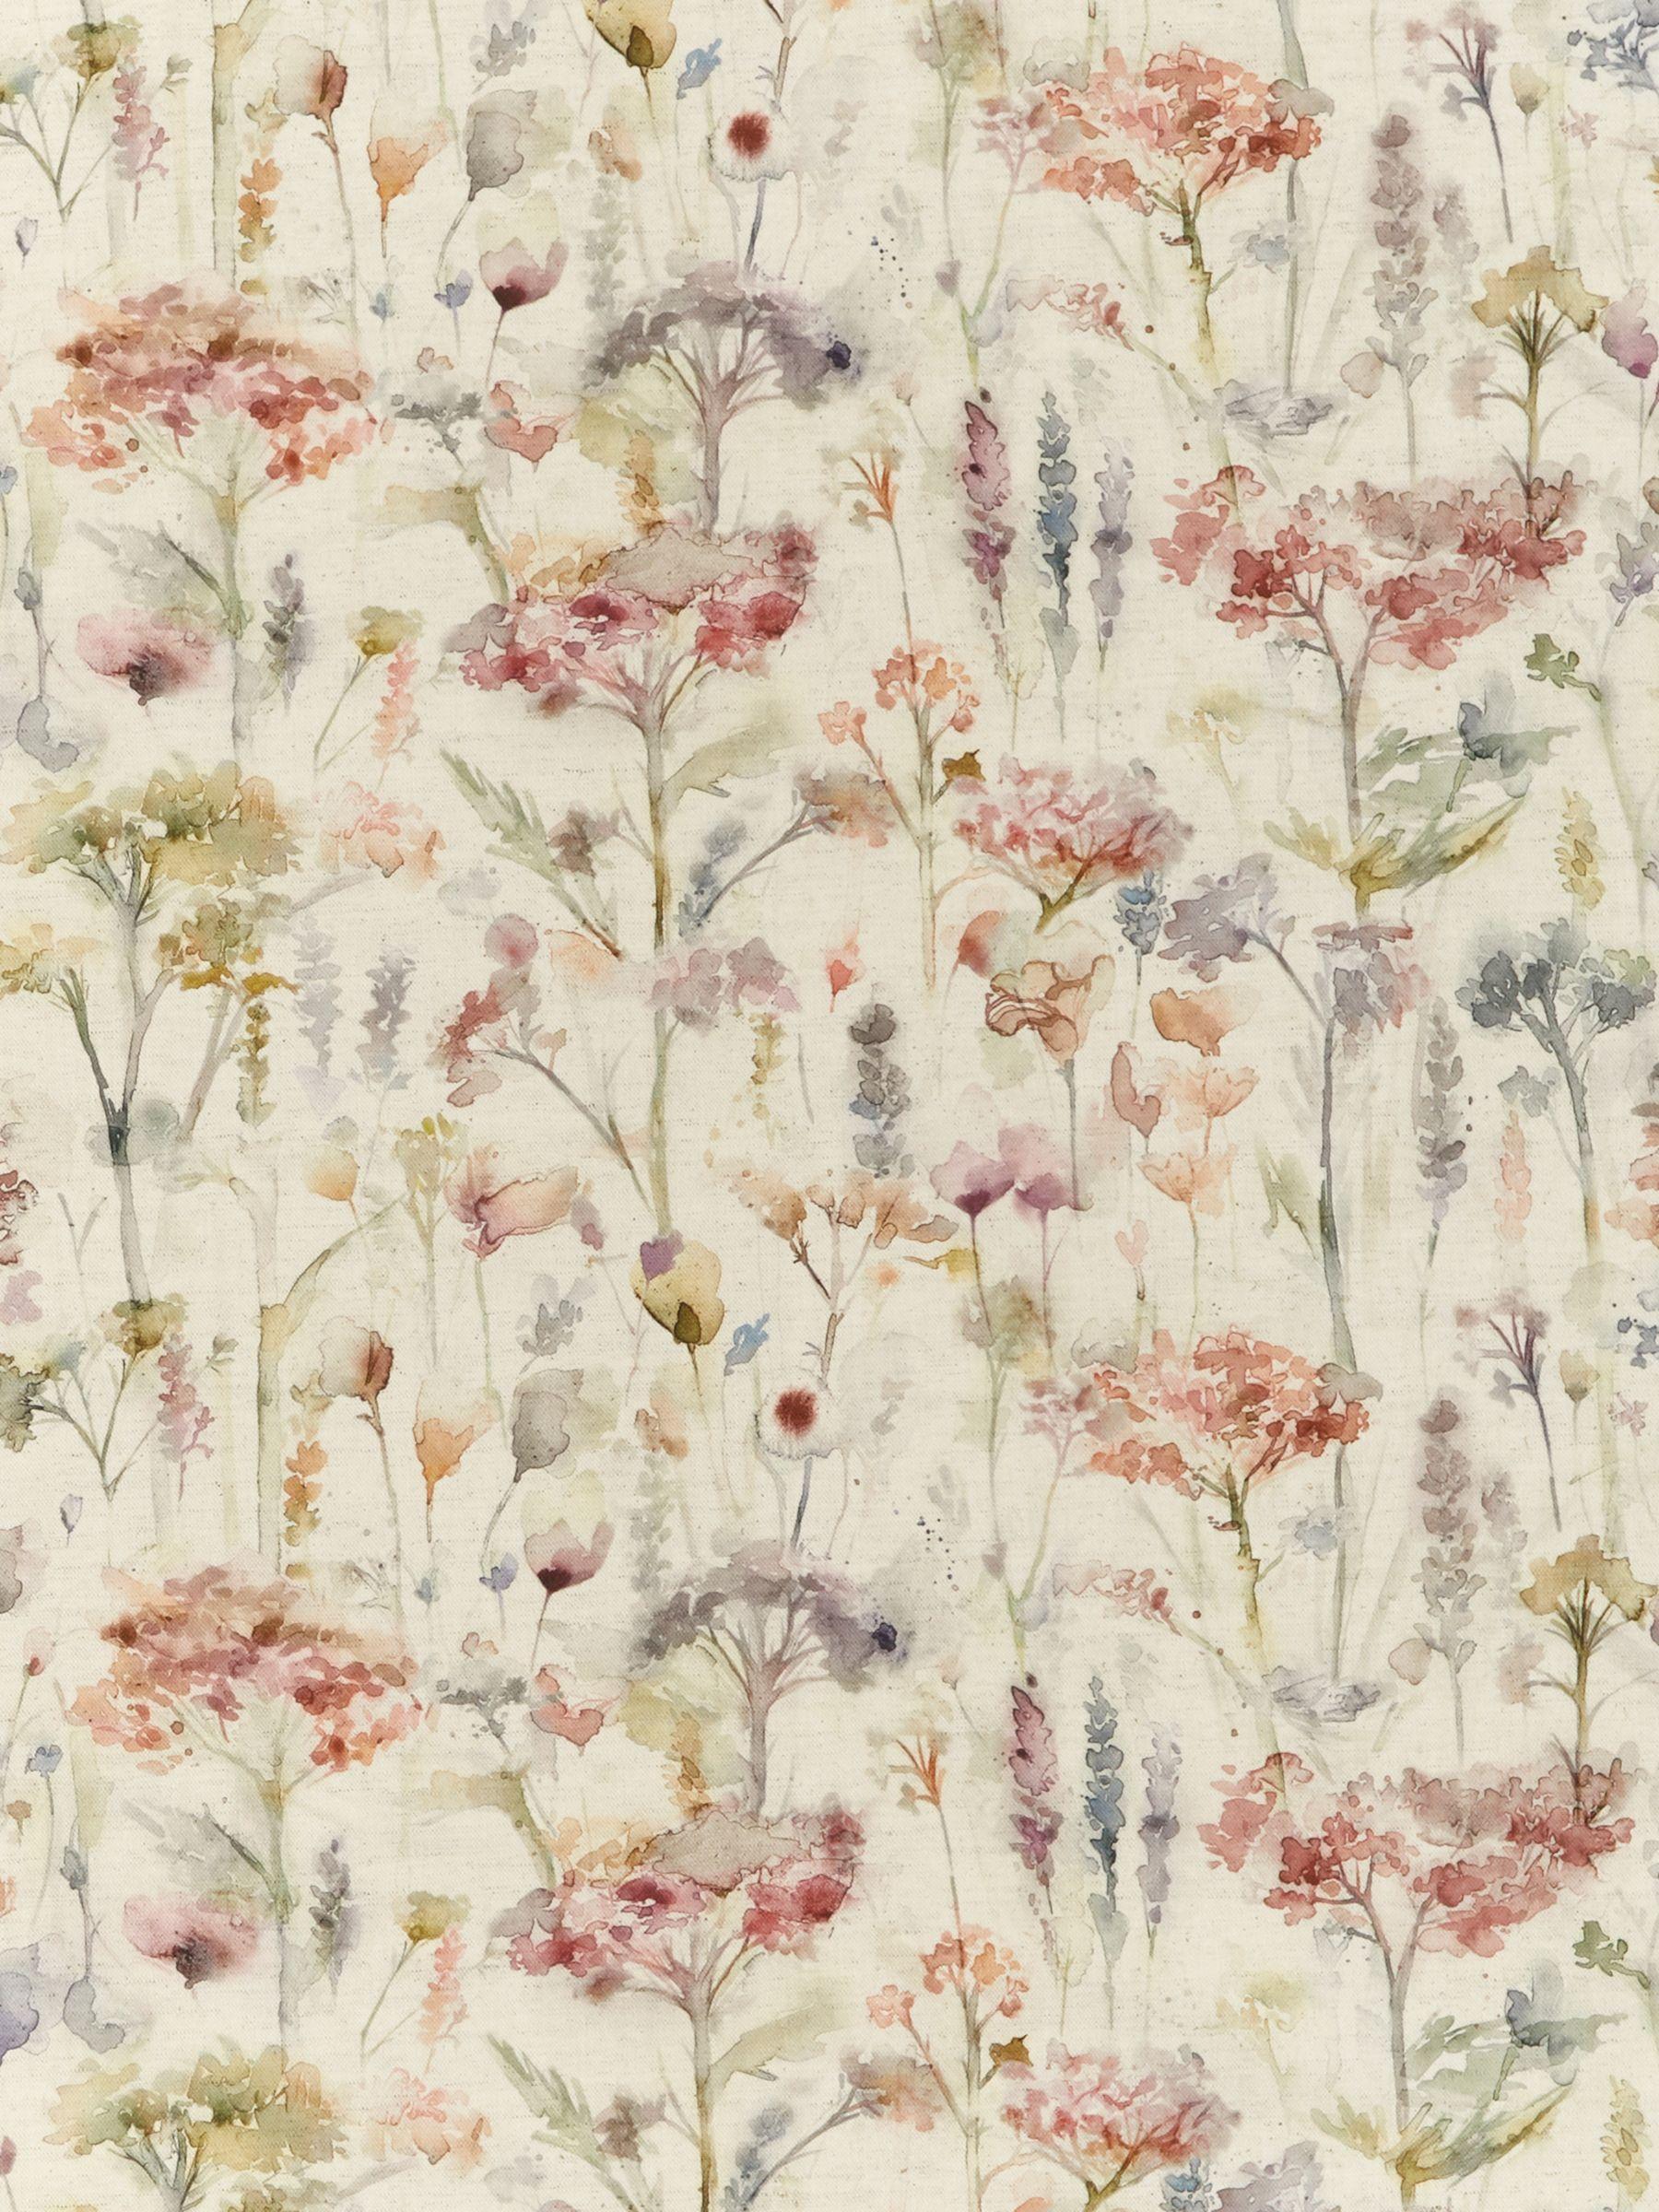 Voyage Voyage Hinton Poppy Furnishing Fabric